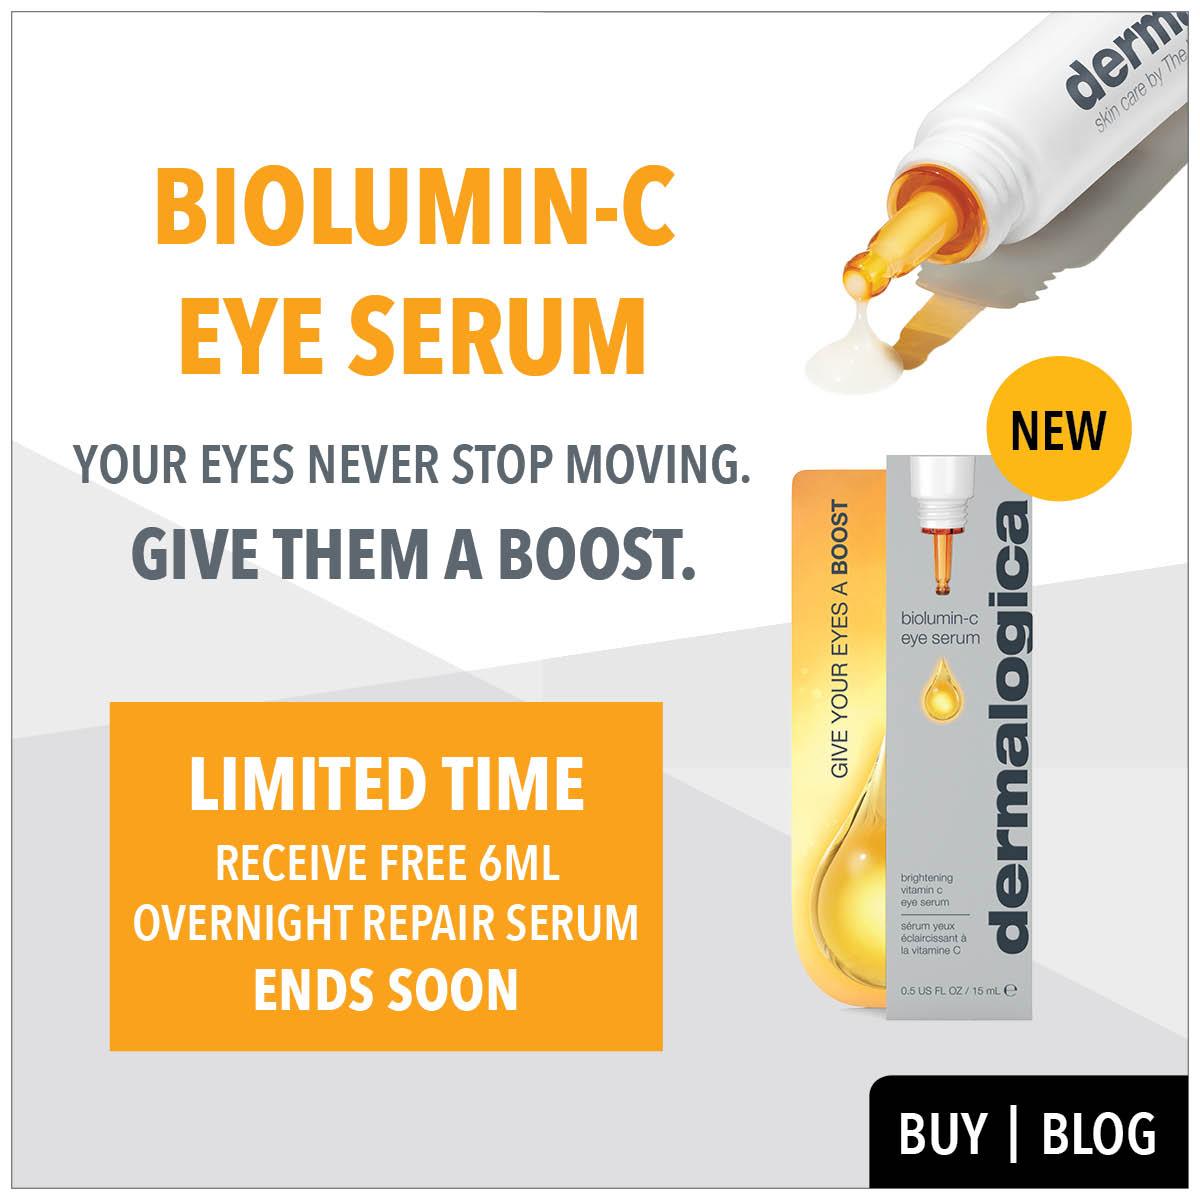 dermalogica biolumin-c eye serum from prodermal